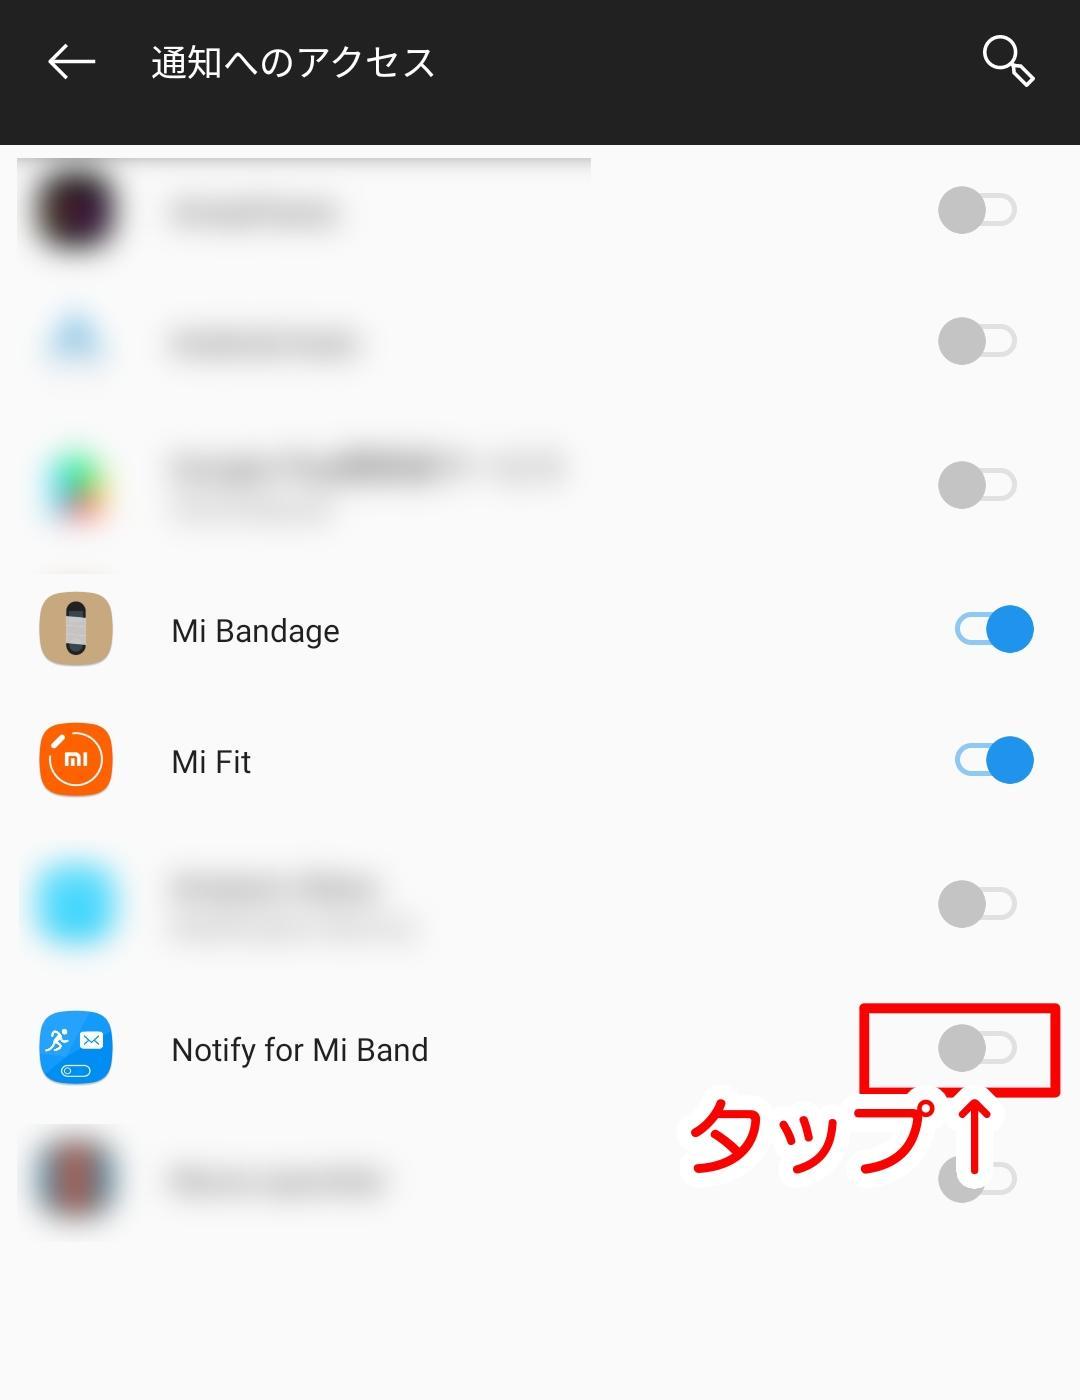 「Notify for Mi Band」をオンにします